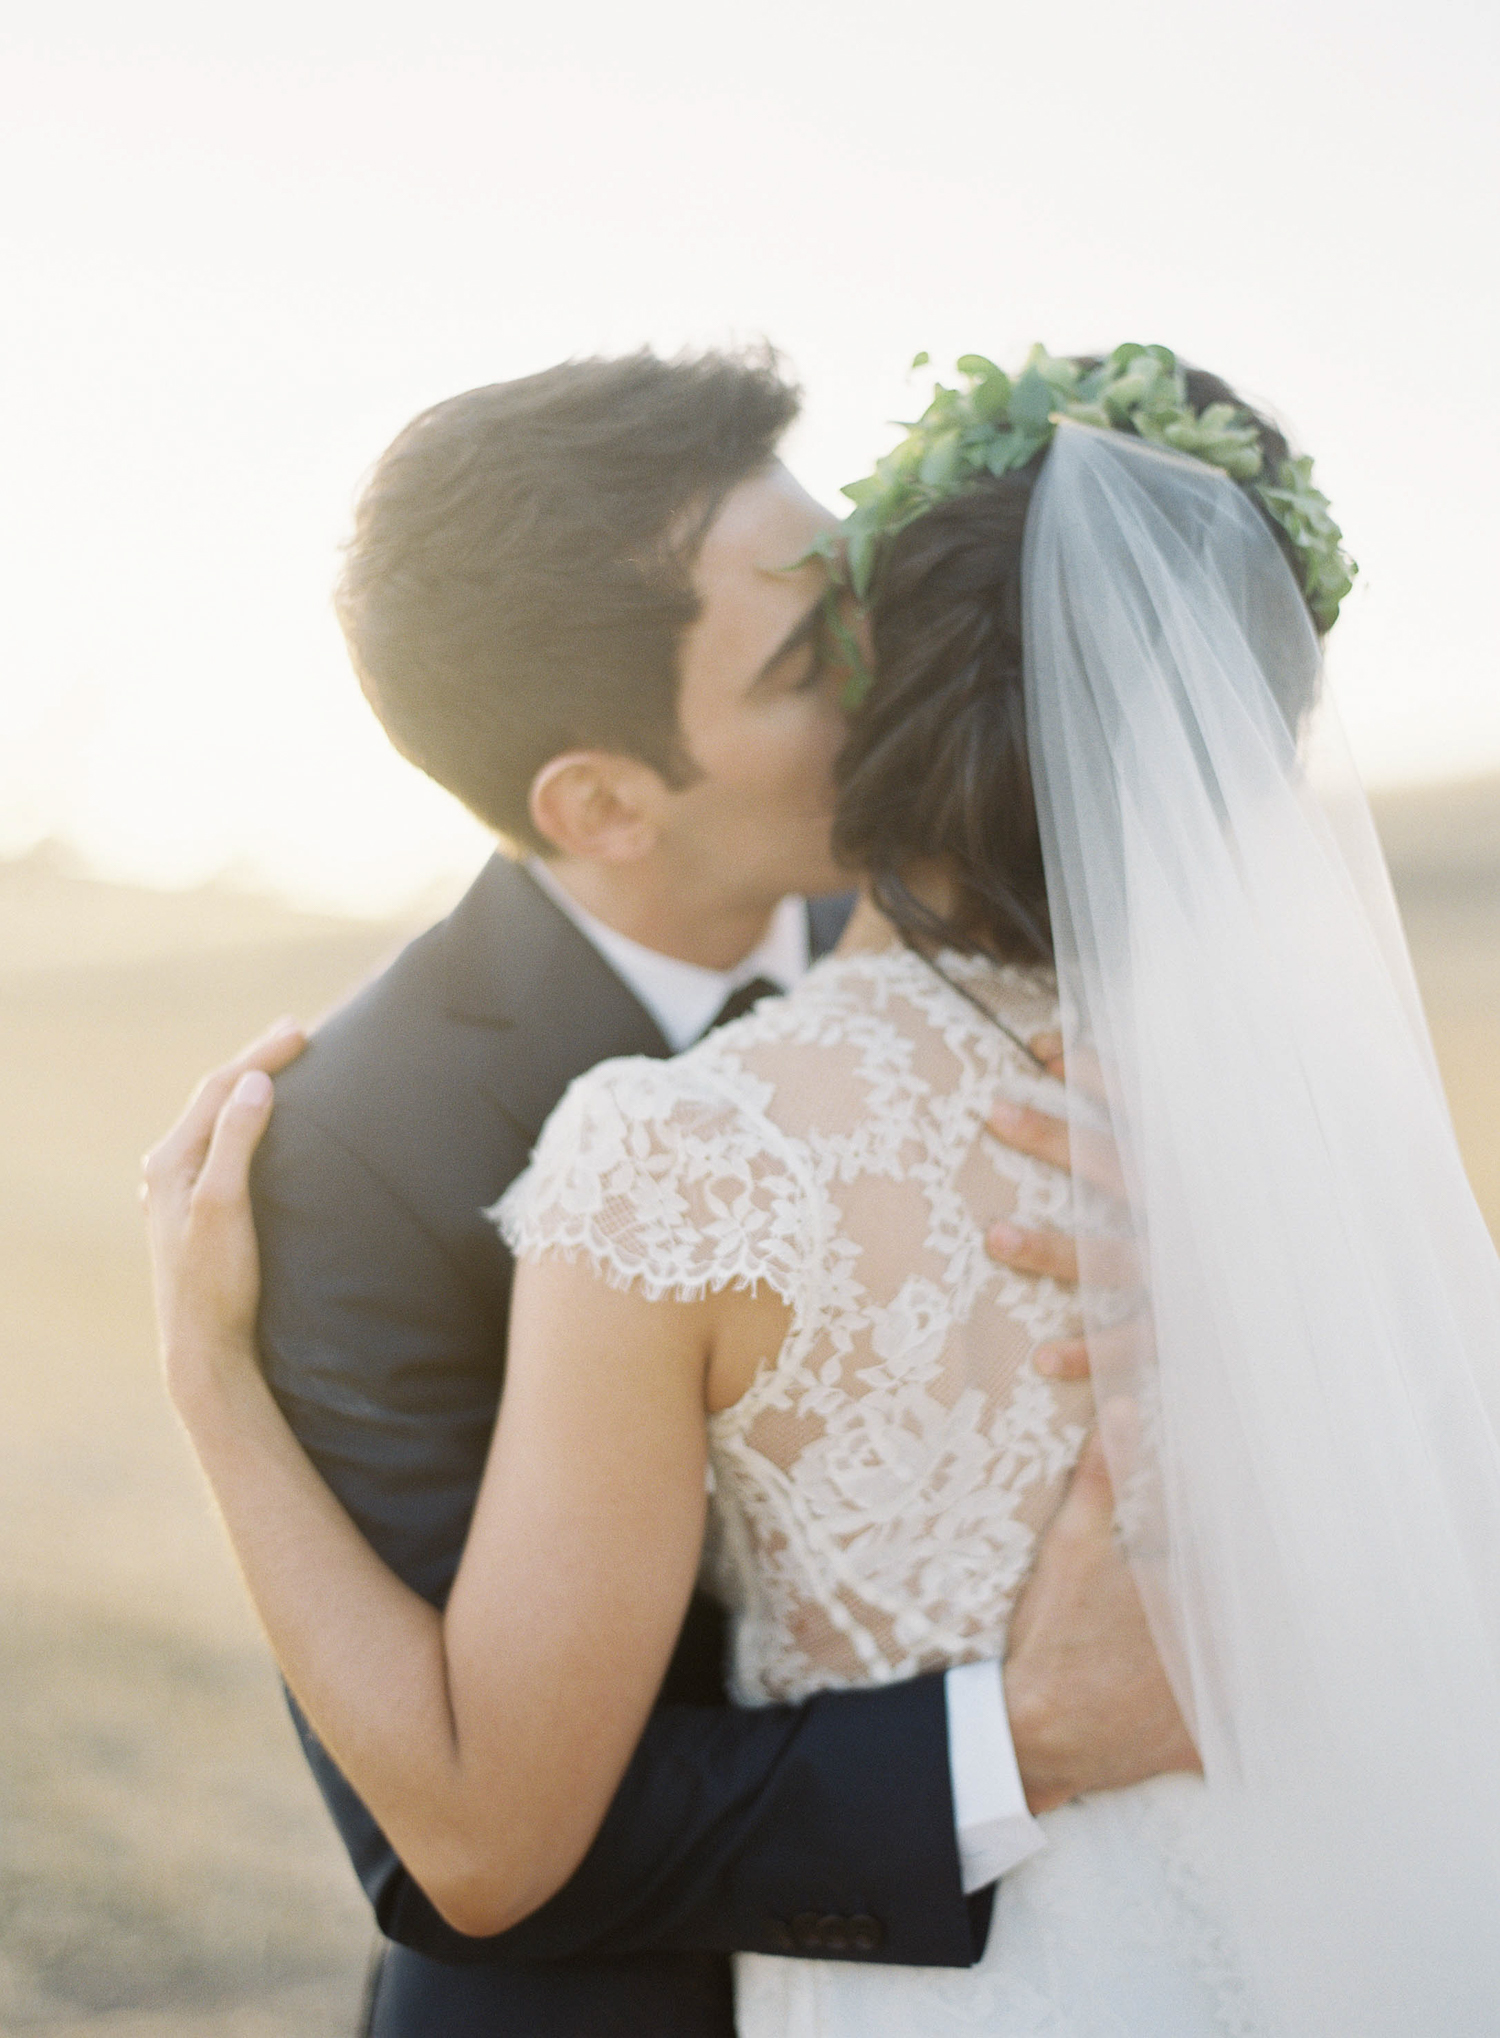 kestrel-park-wedding-51.jpg